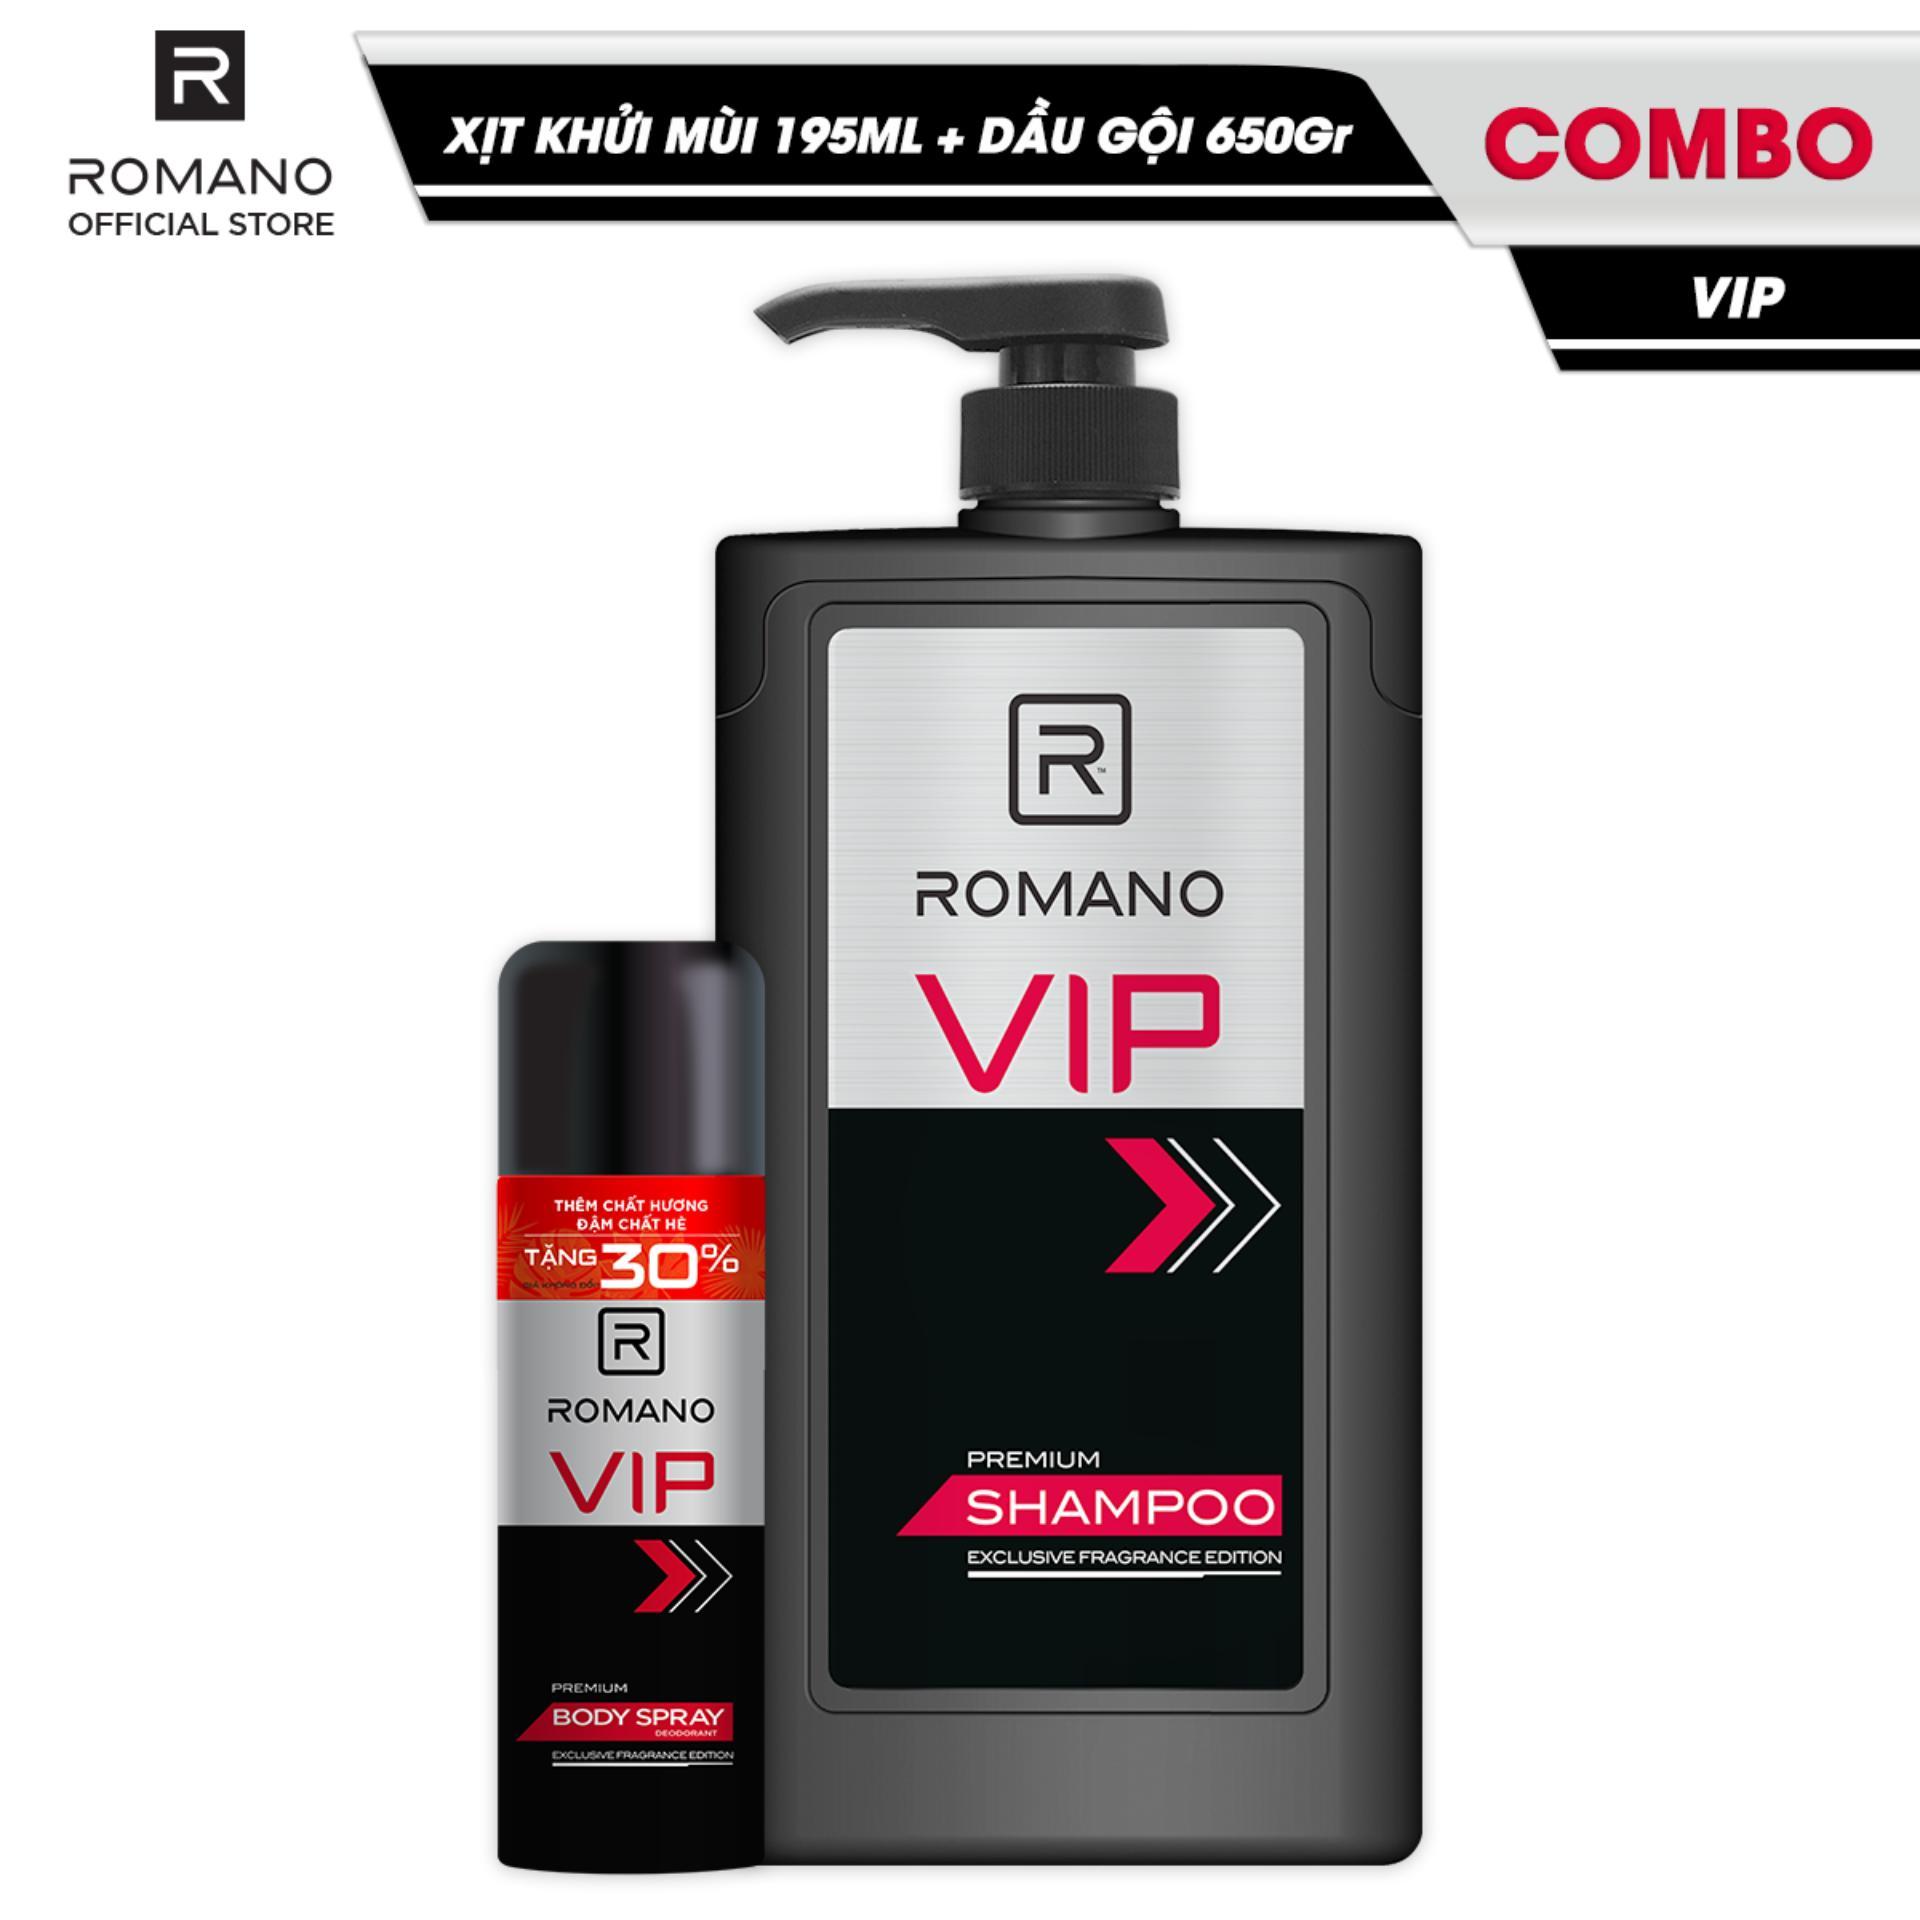 Combo Romano Vip: Xịt toàn thân sang trọng đẳng cấp ngăn mồ hôi mùi cơ thể 195ml và dầu gội cao cấp tóc chắc khỏe 650g